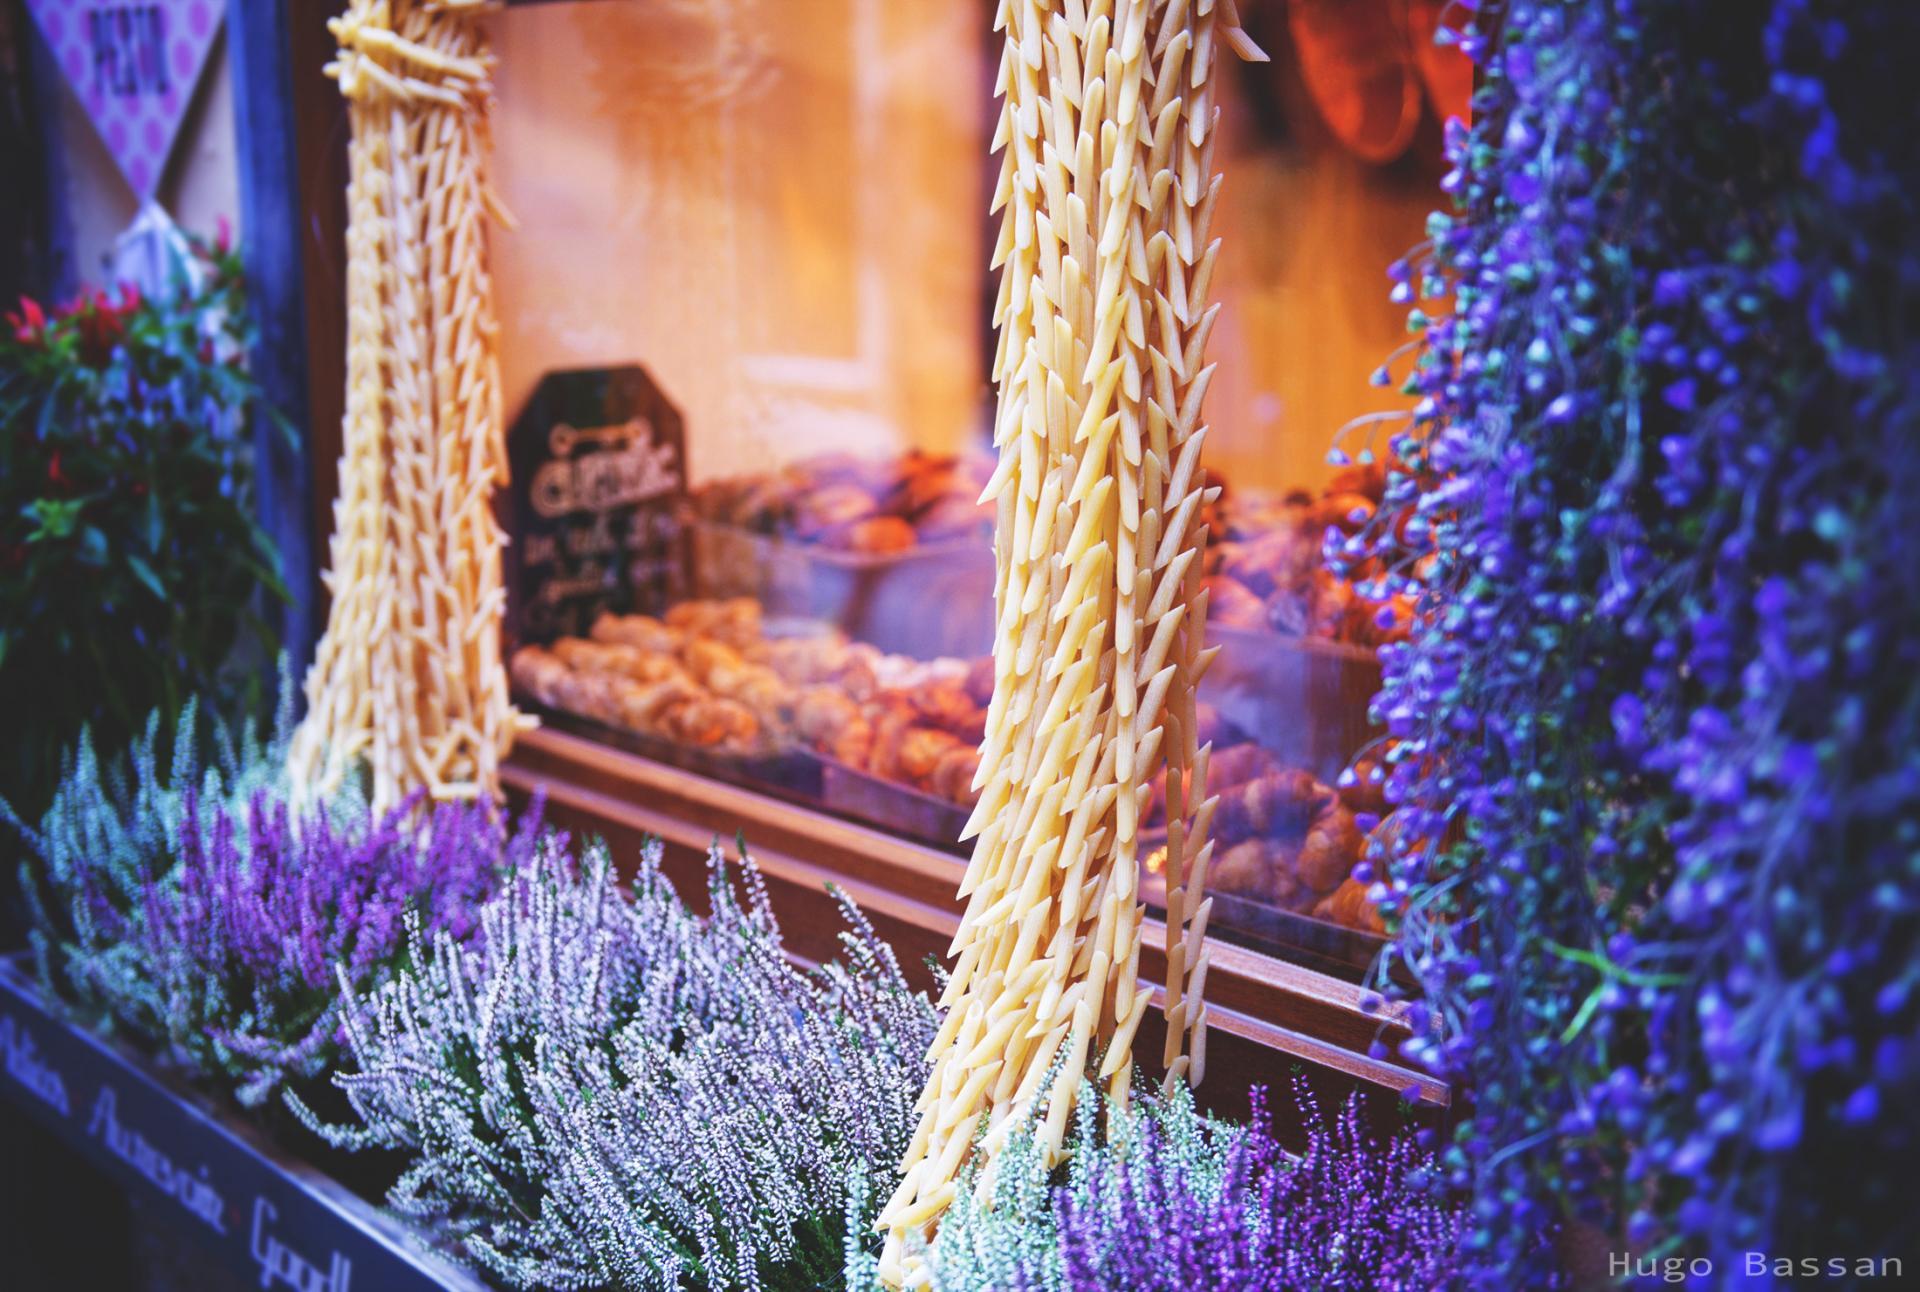 Bakery in Portovenere - Italy